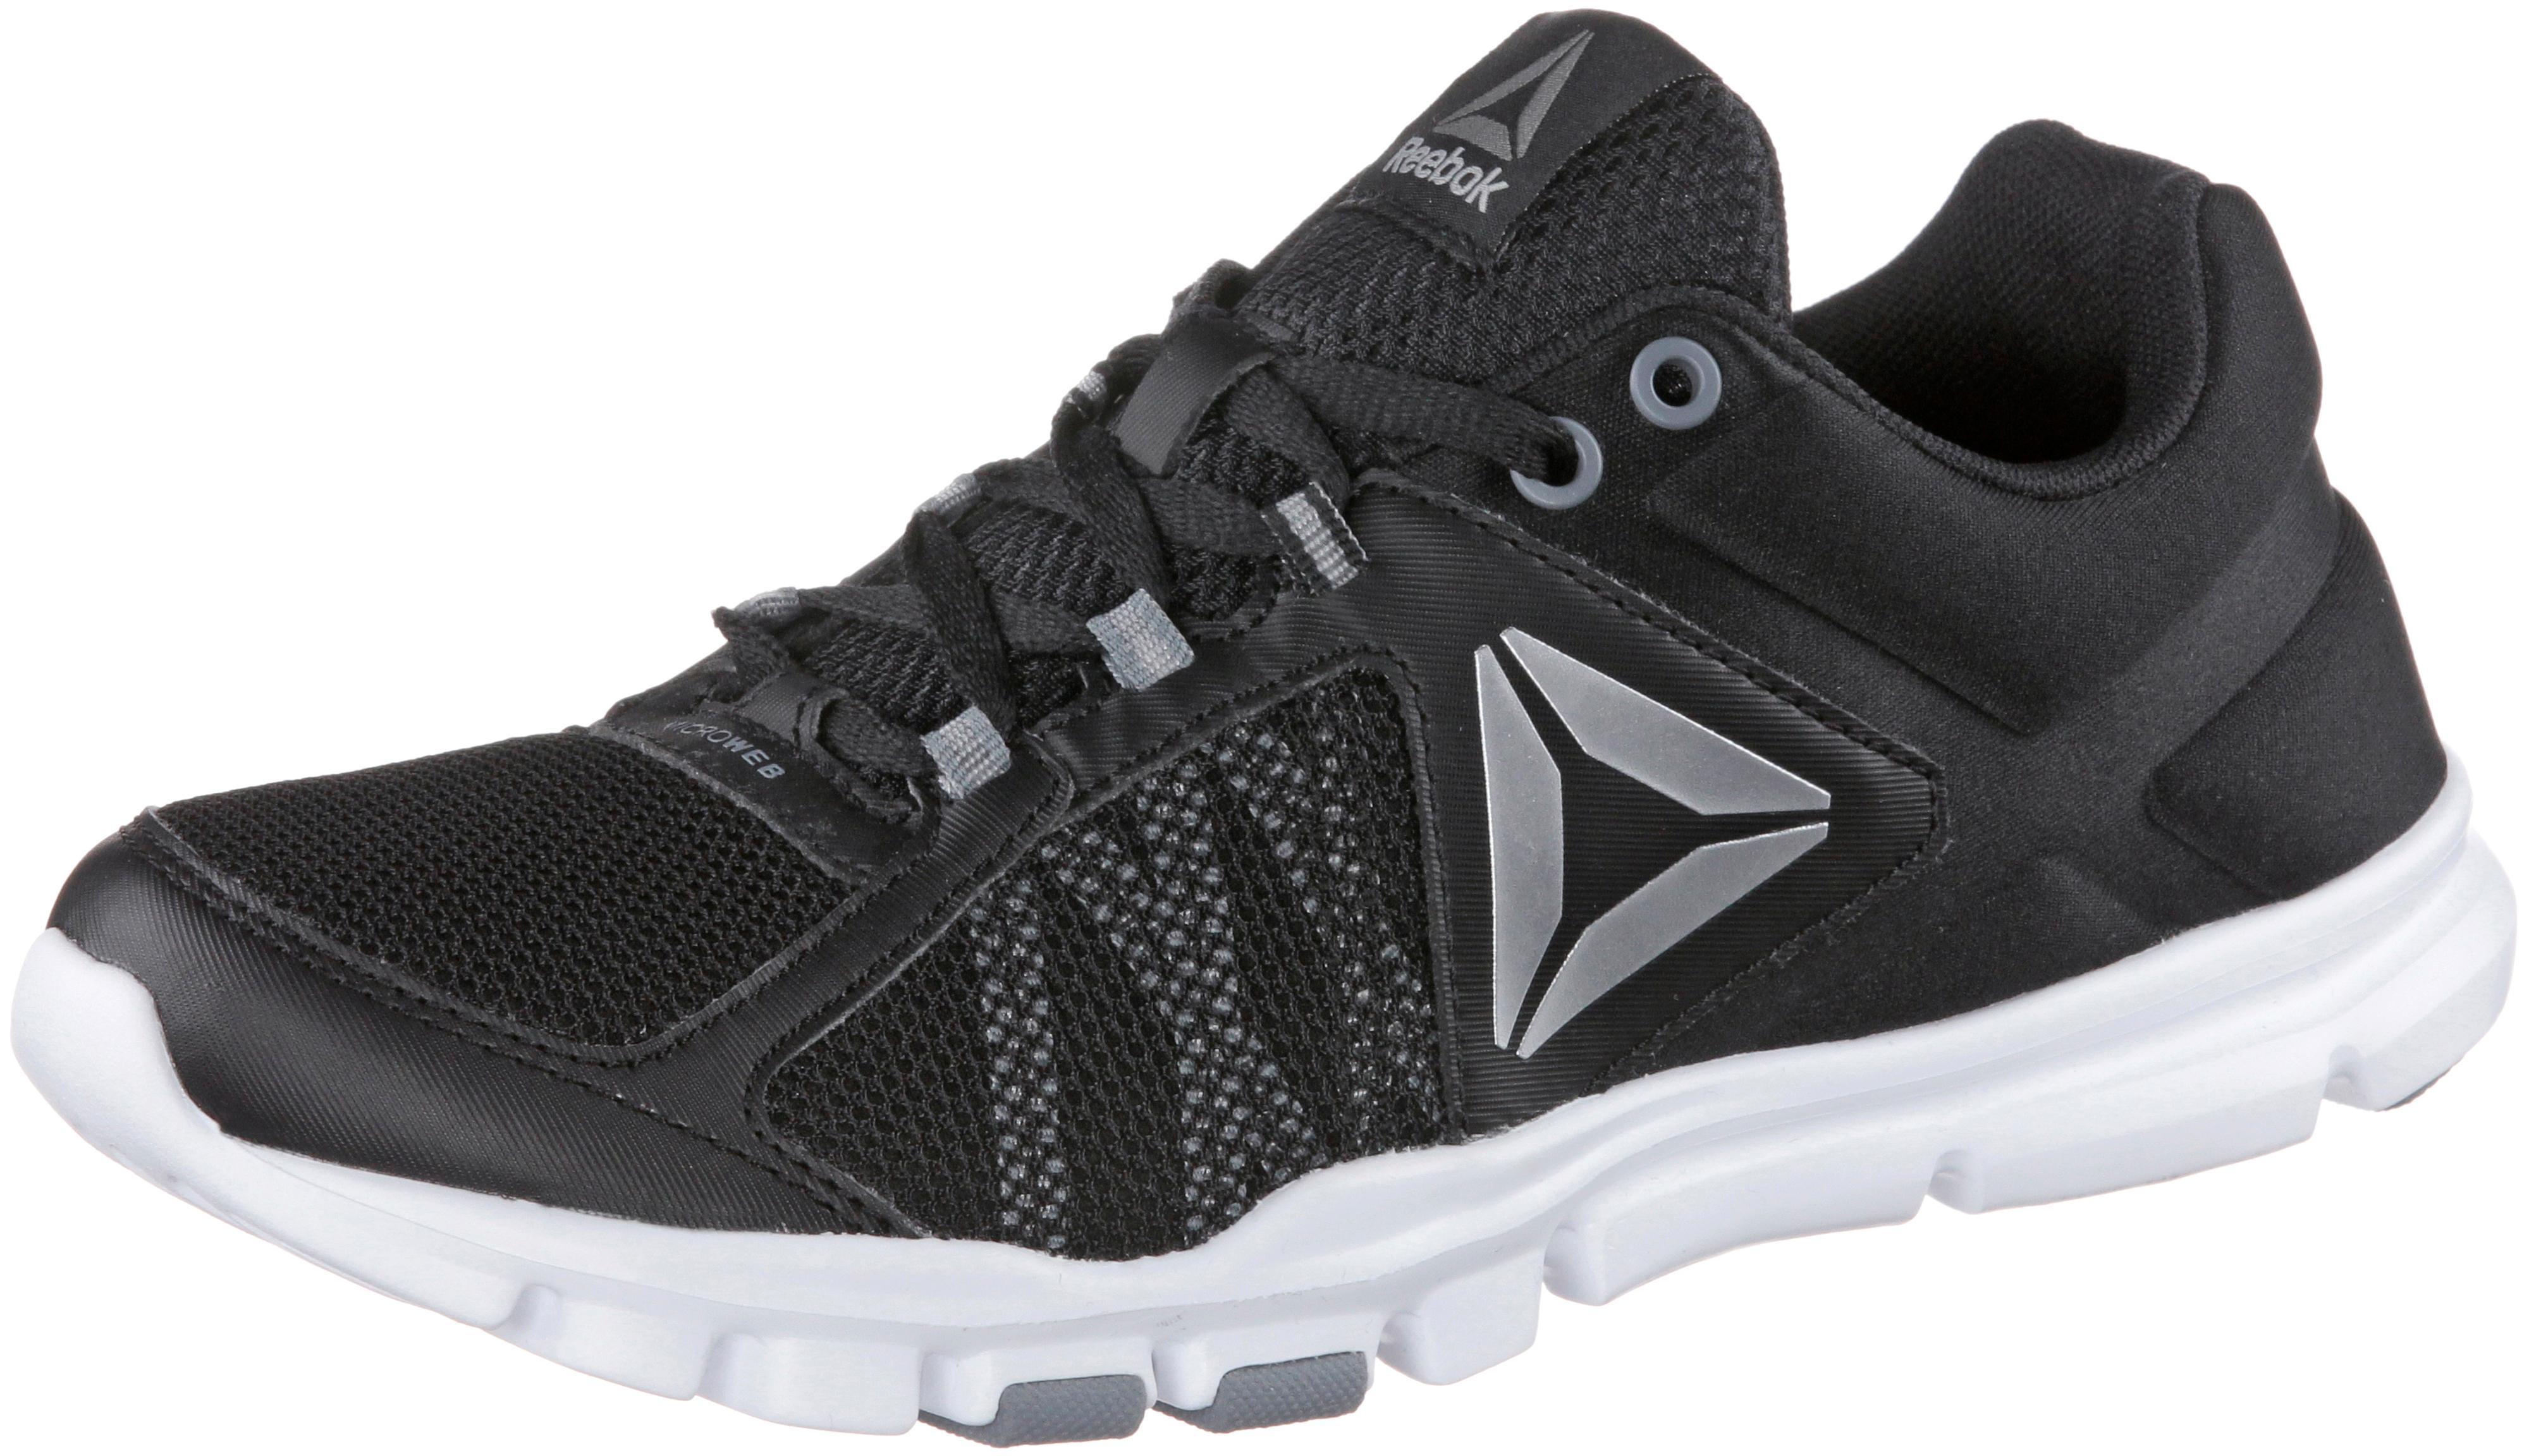 Reebok Yourflex Trainette 9.0 9.0 9.0 Fitnessschuhe Damen schwarz im Online Shop von SportScheck kaufen Gute Qualität beliebte Schuhe 09caaf